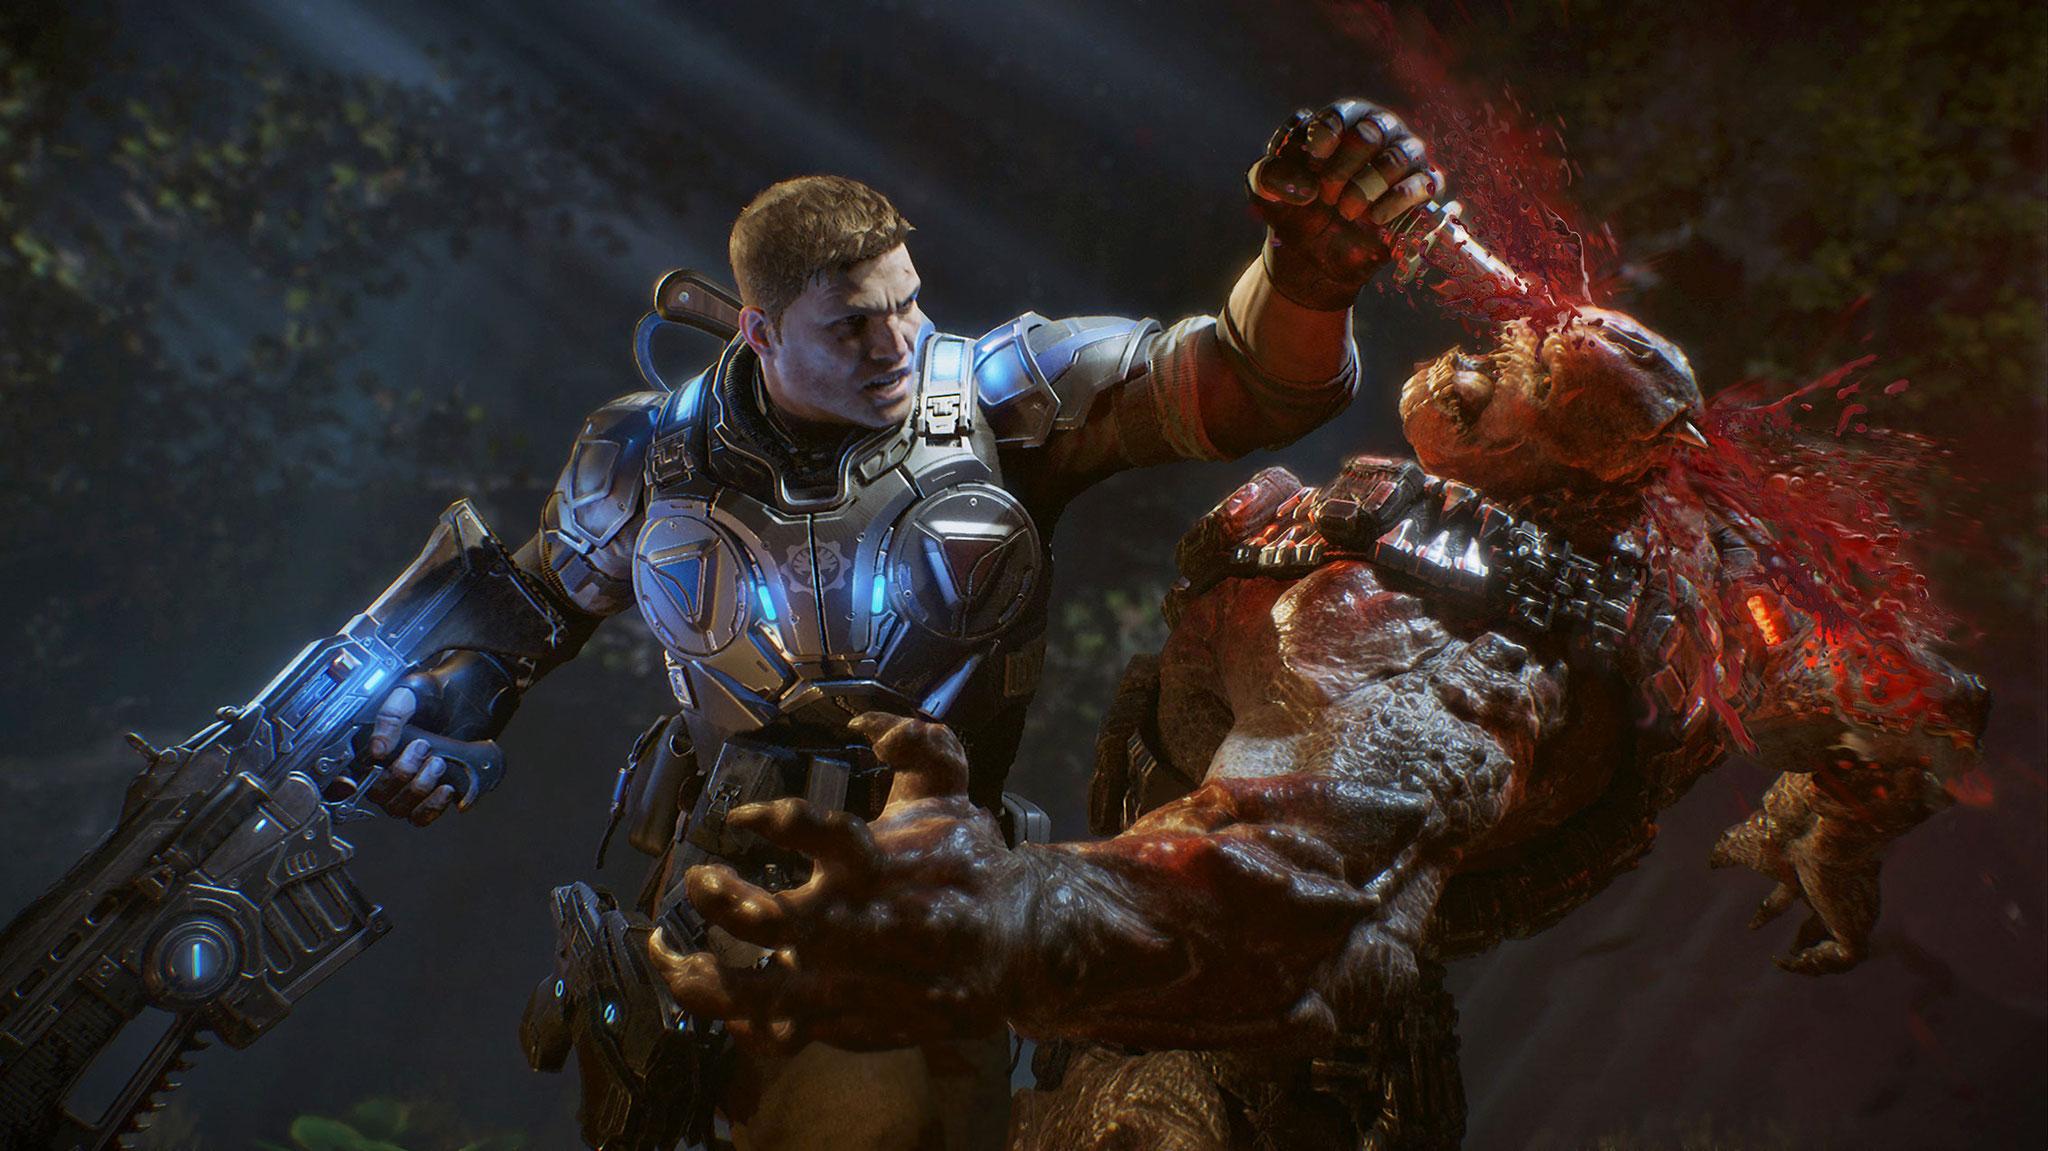 """In der überfälligen 4. Fortsetzung der Xbox-Action-Saga """"Gears of War"""" wird die Heldenkrone an Marcus Fenix' Sohn und seine Partner weitergereicht.  (11.10. für PC, XBO)"""